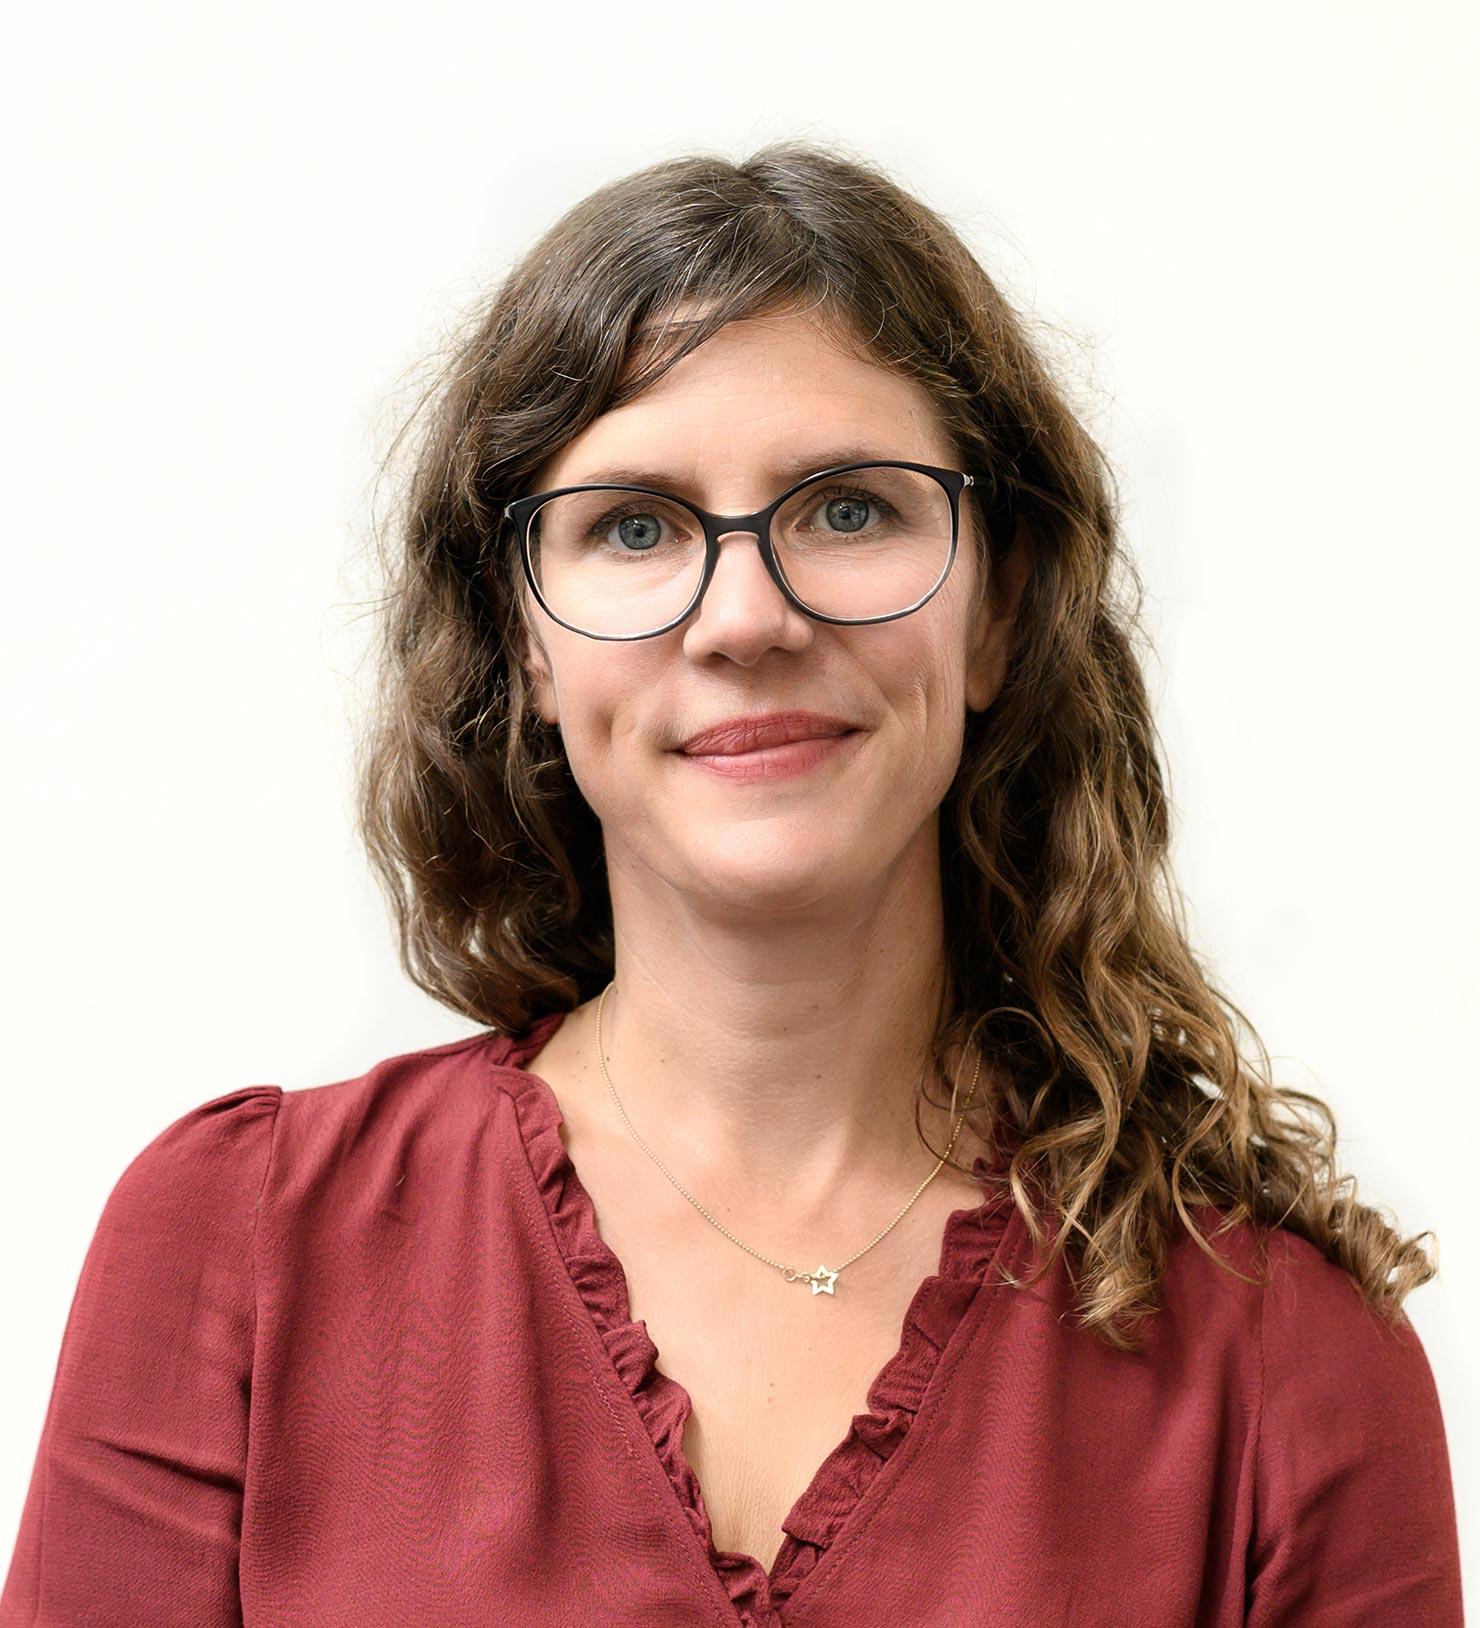 Bettina Kraus